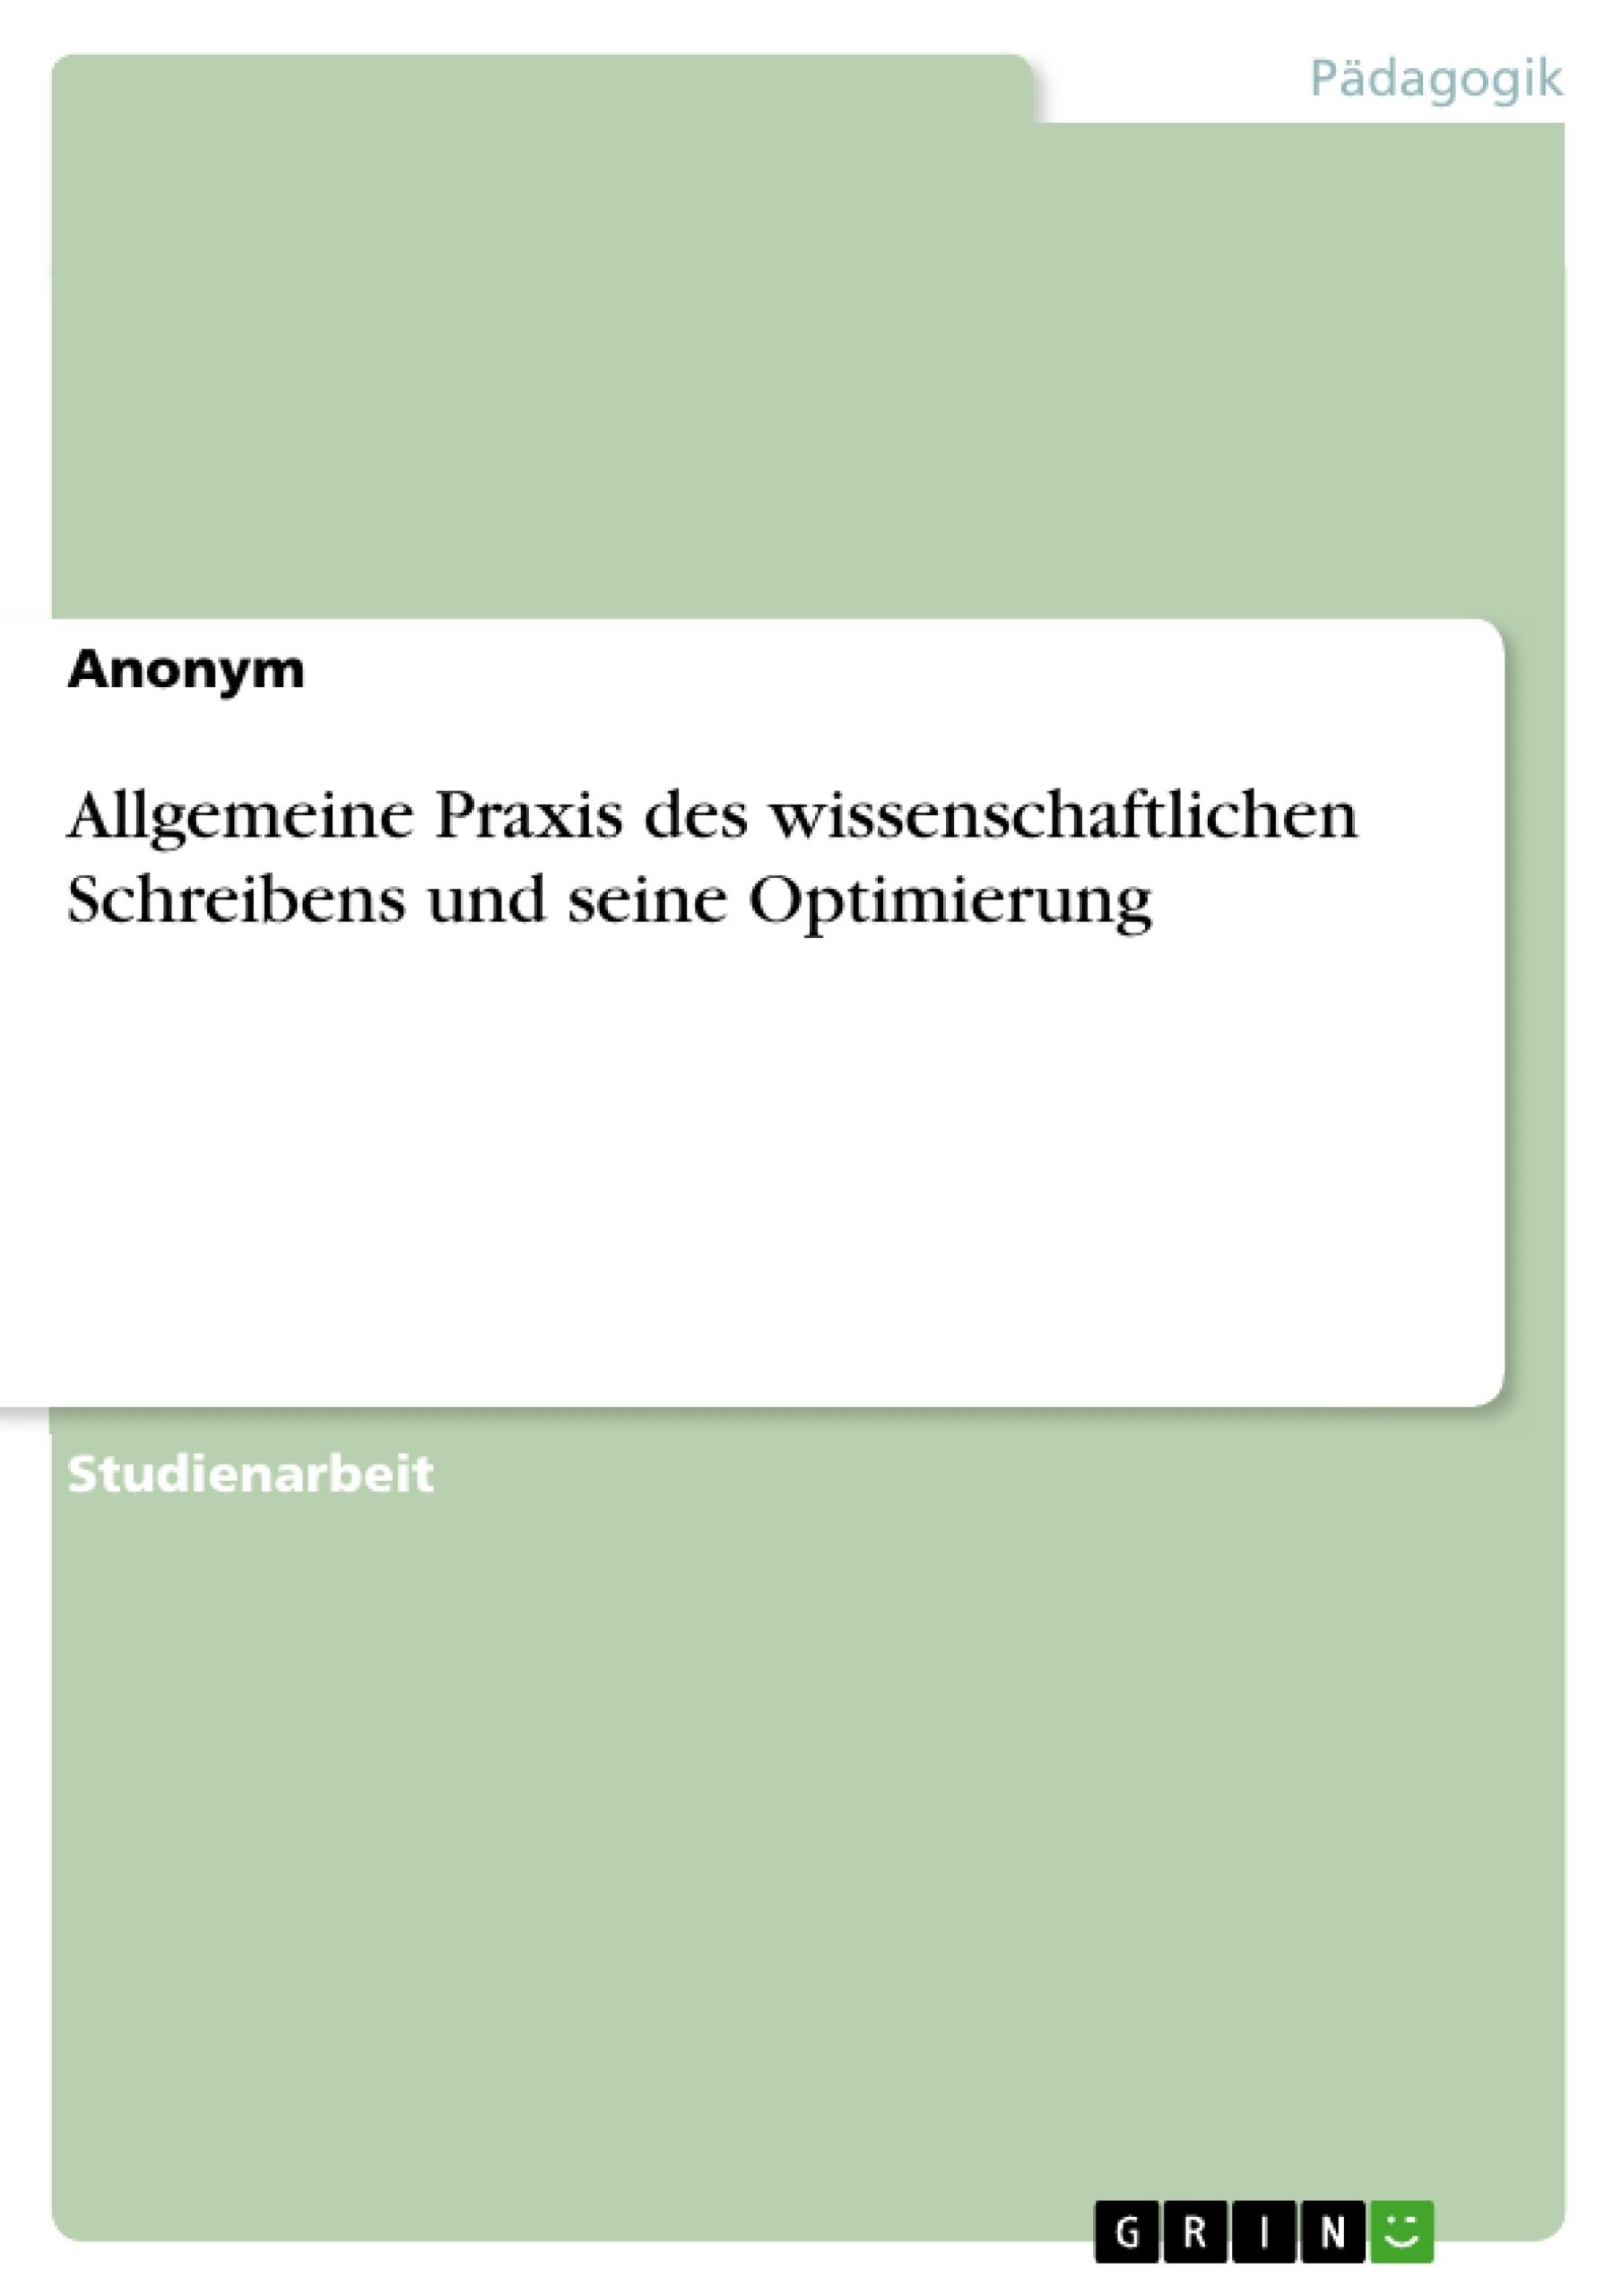 Titel: Allgemeine Praxis des wissenschaftlichen Schreibens und seine Optimierung